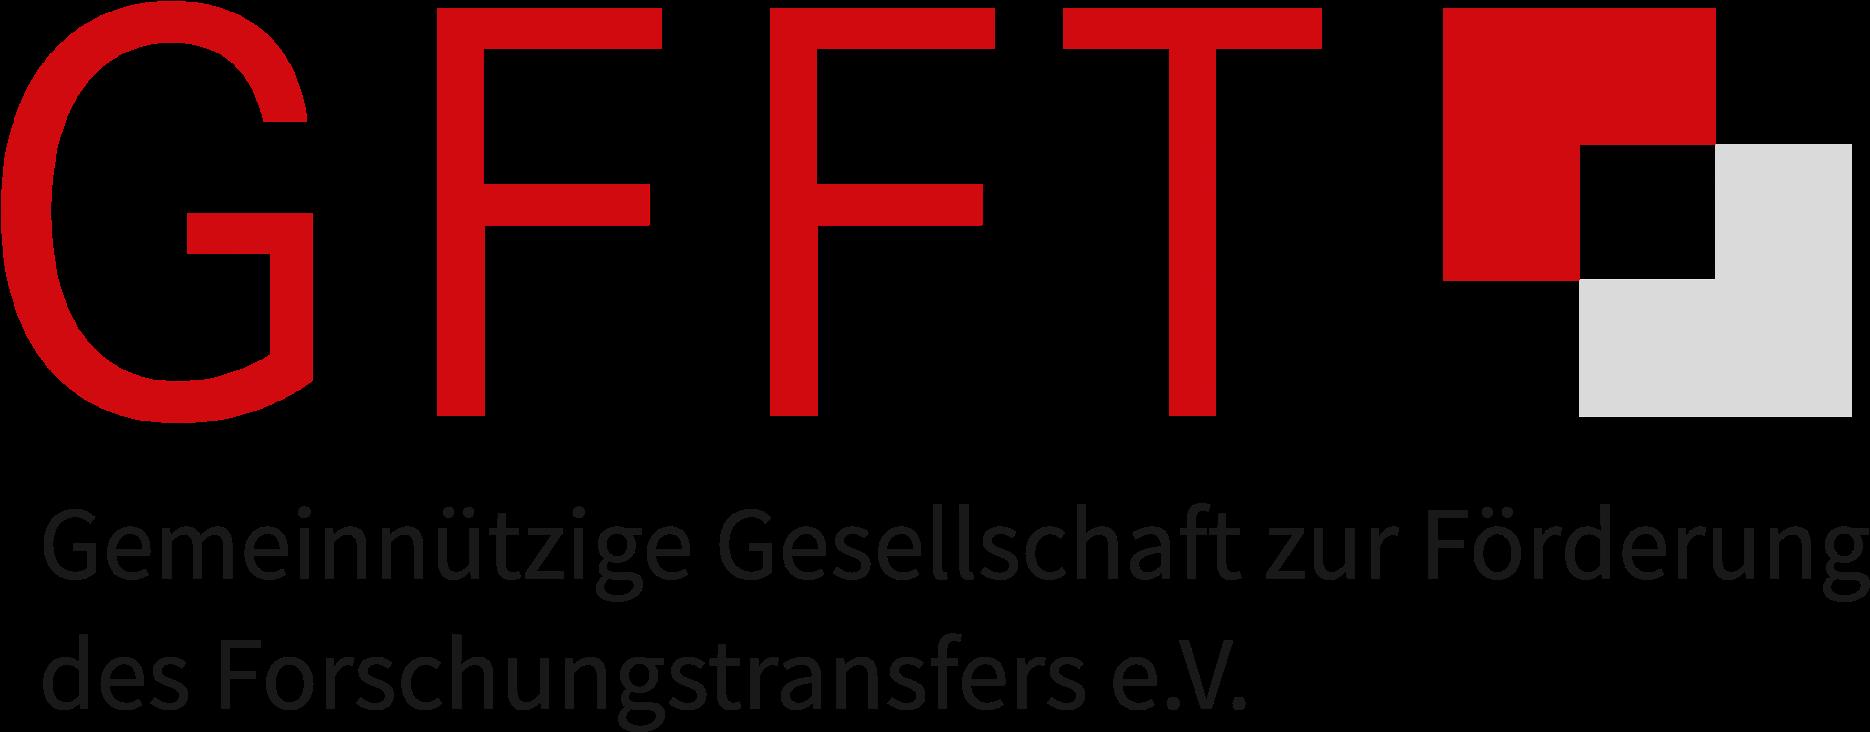 GFFT e.V.